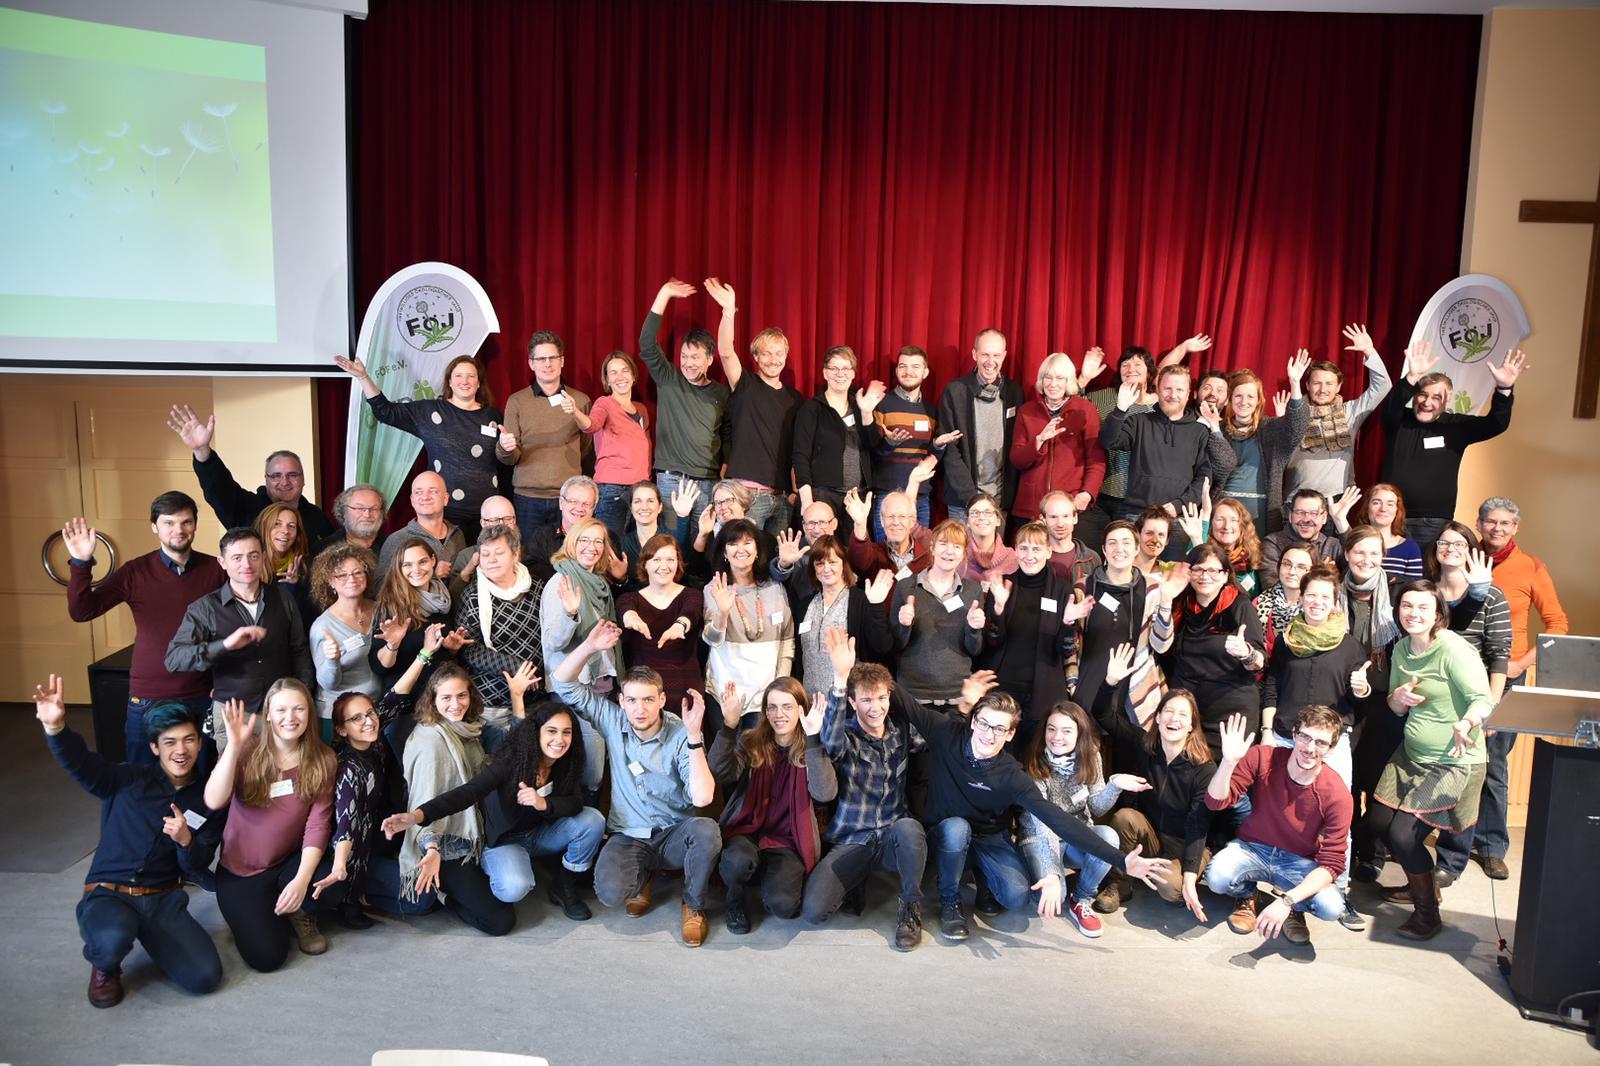 Teilnehmer*innen der Jahrestagung der FÖJ-Träger 2018